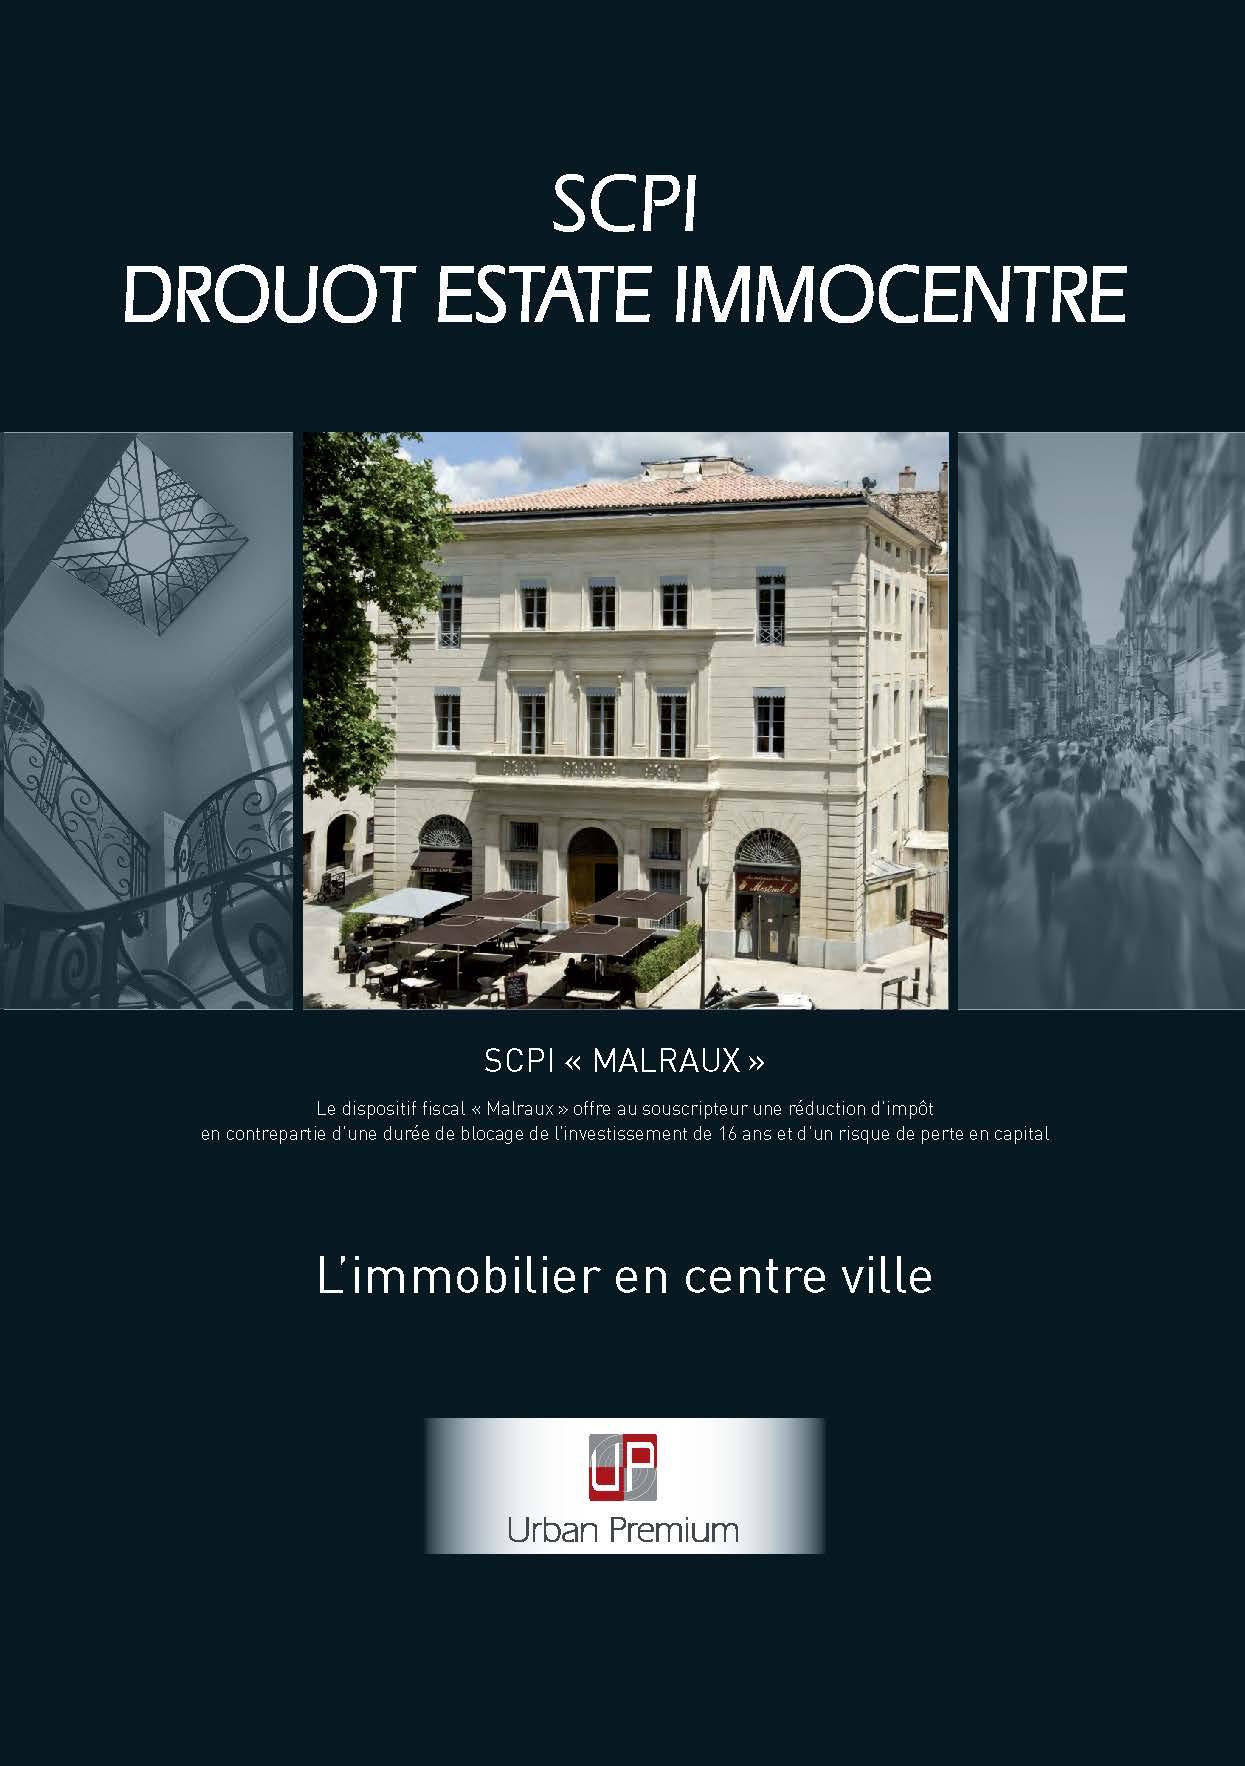 SCPI DROUOT ESTATE IMMOCENTRE (Malraux)